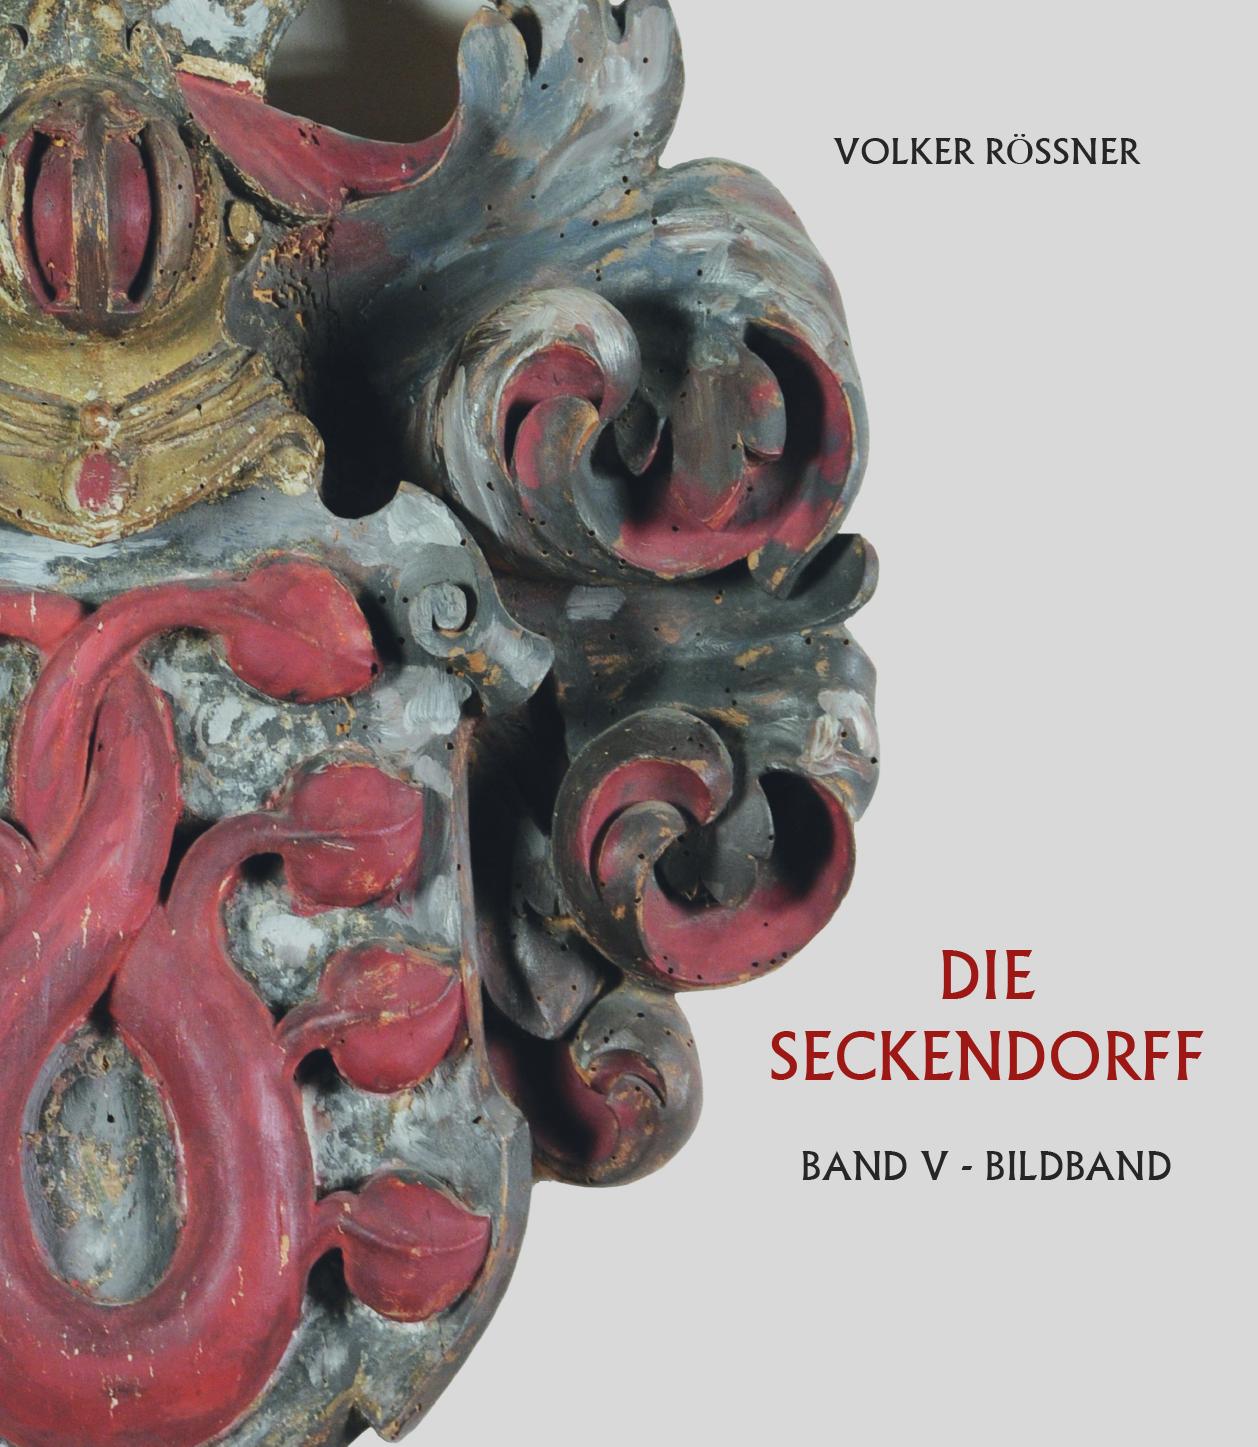 Rößner Volker - Die Seckendorff